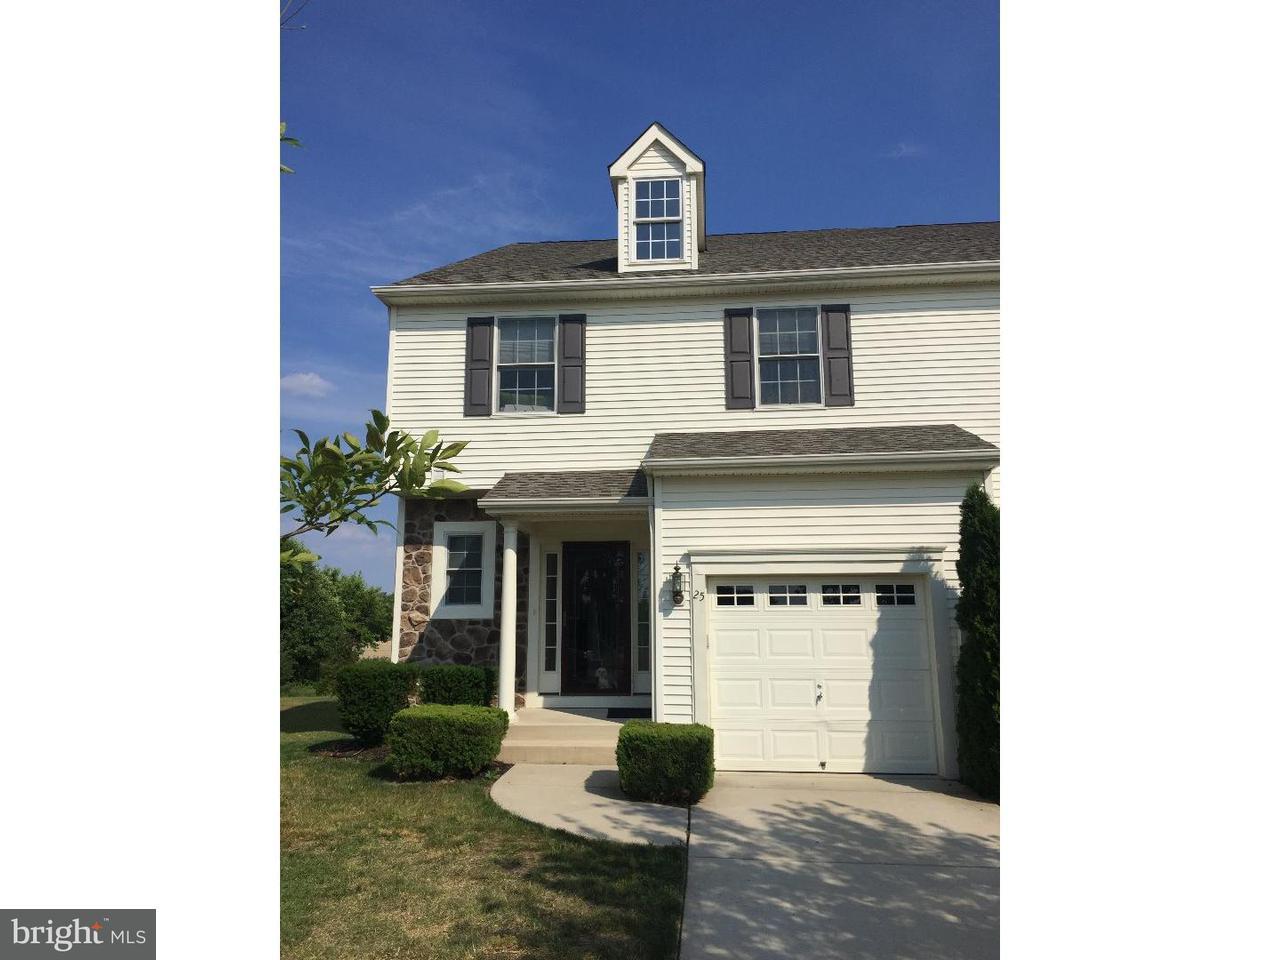 Casa unifamiliar adosada (Townhouse) por un Venta en 25 CAMINO Court Sicklerville, Nueva Jersey 08081 Estados Unidos